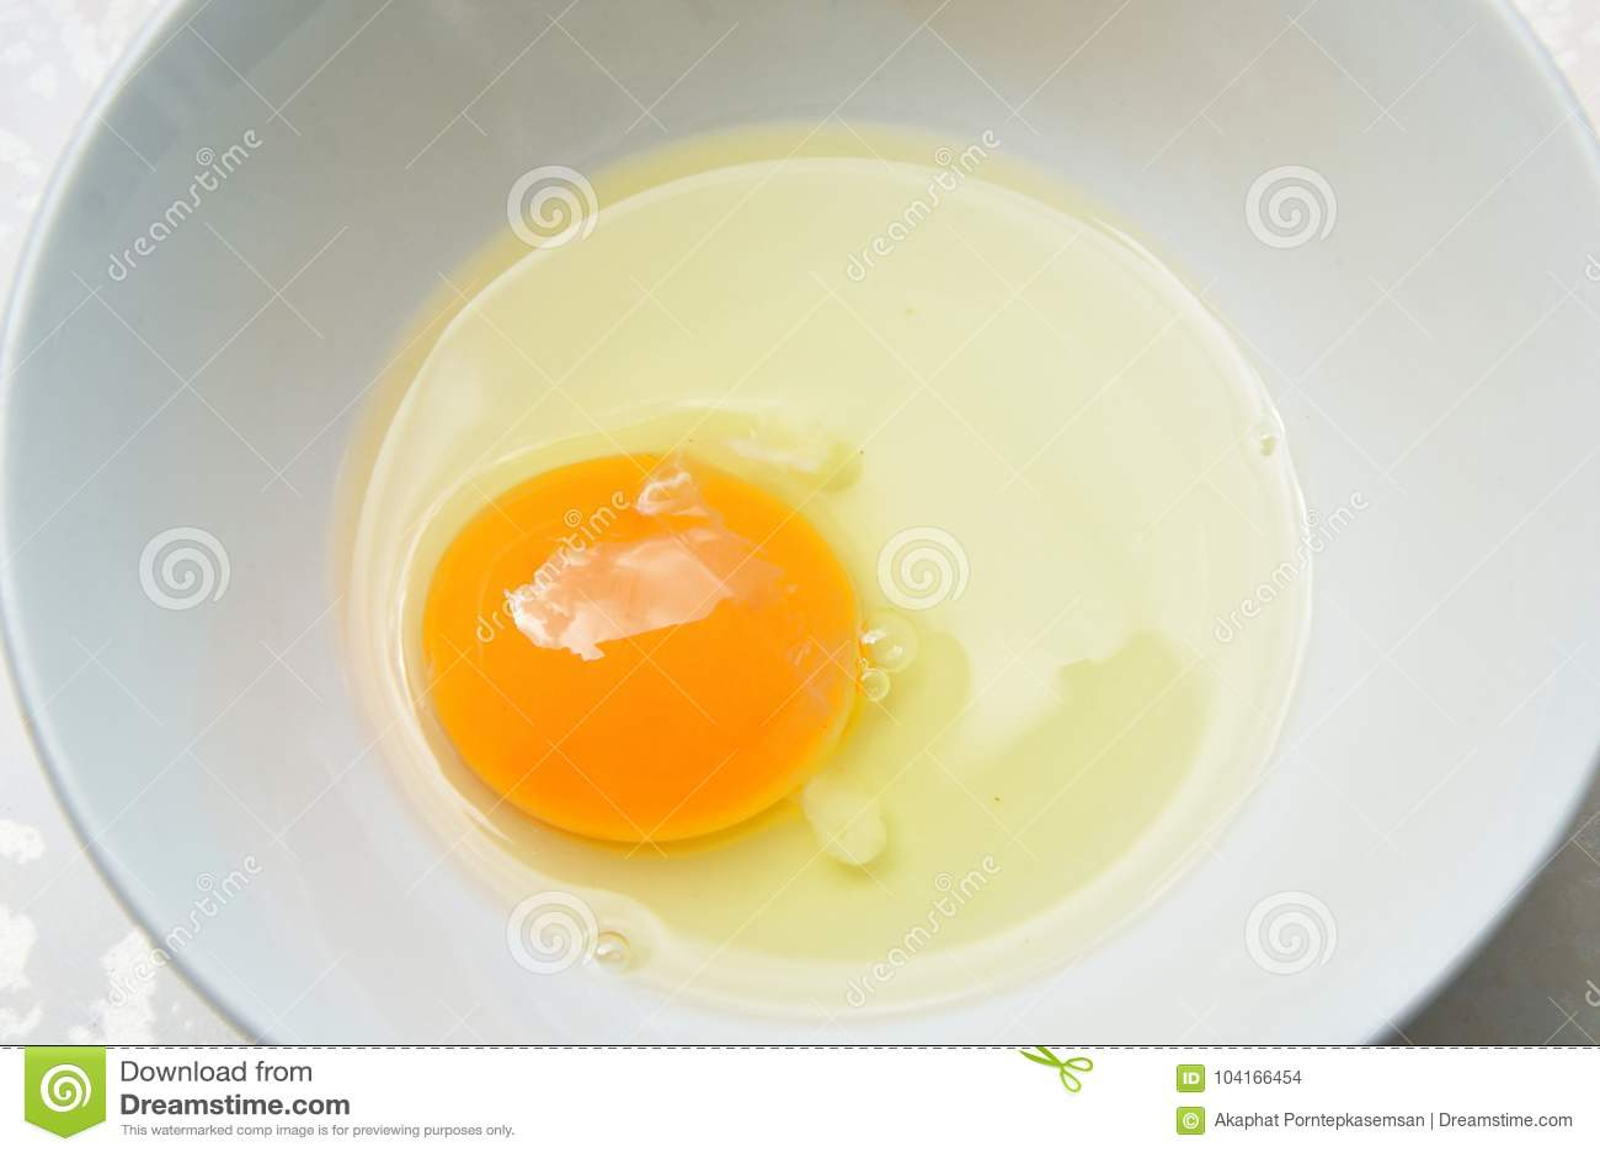 未加工的卵黄质和白鸡蛋从在杯子的壳崩裂了